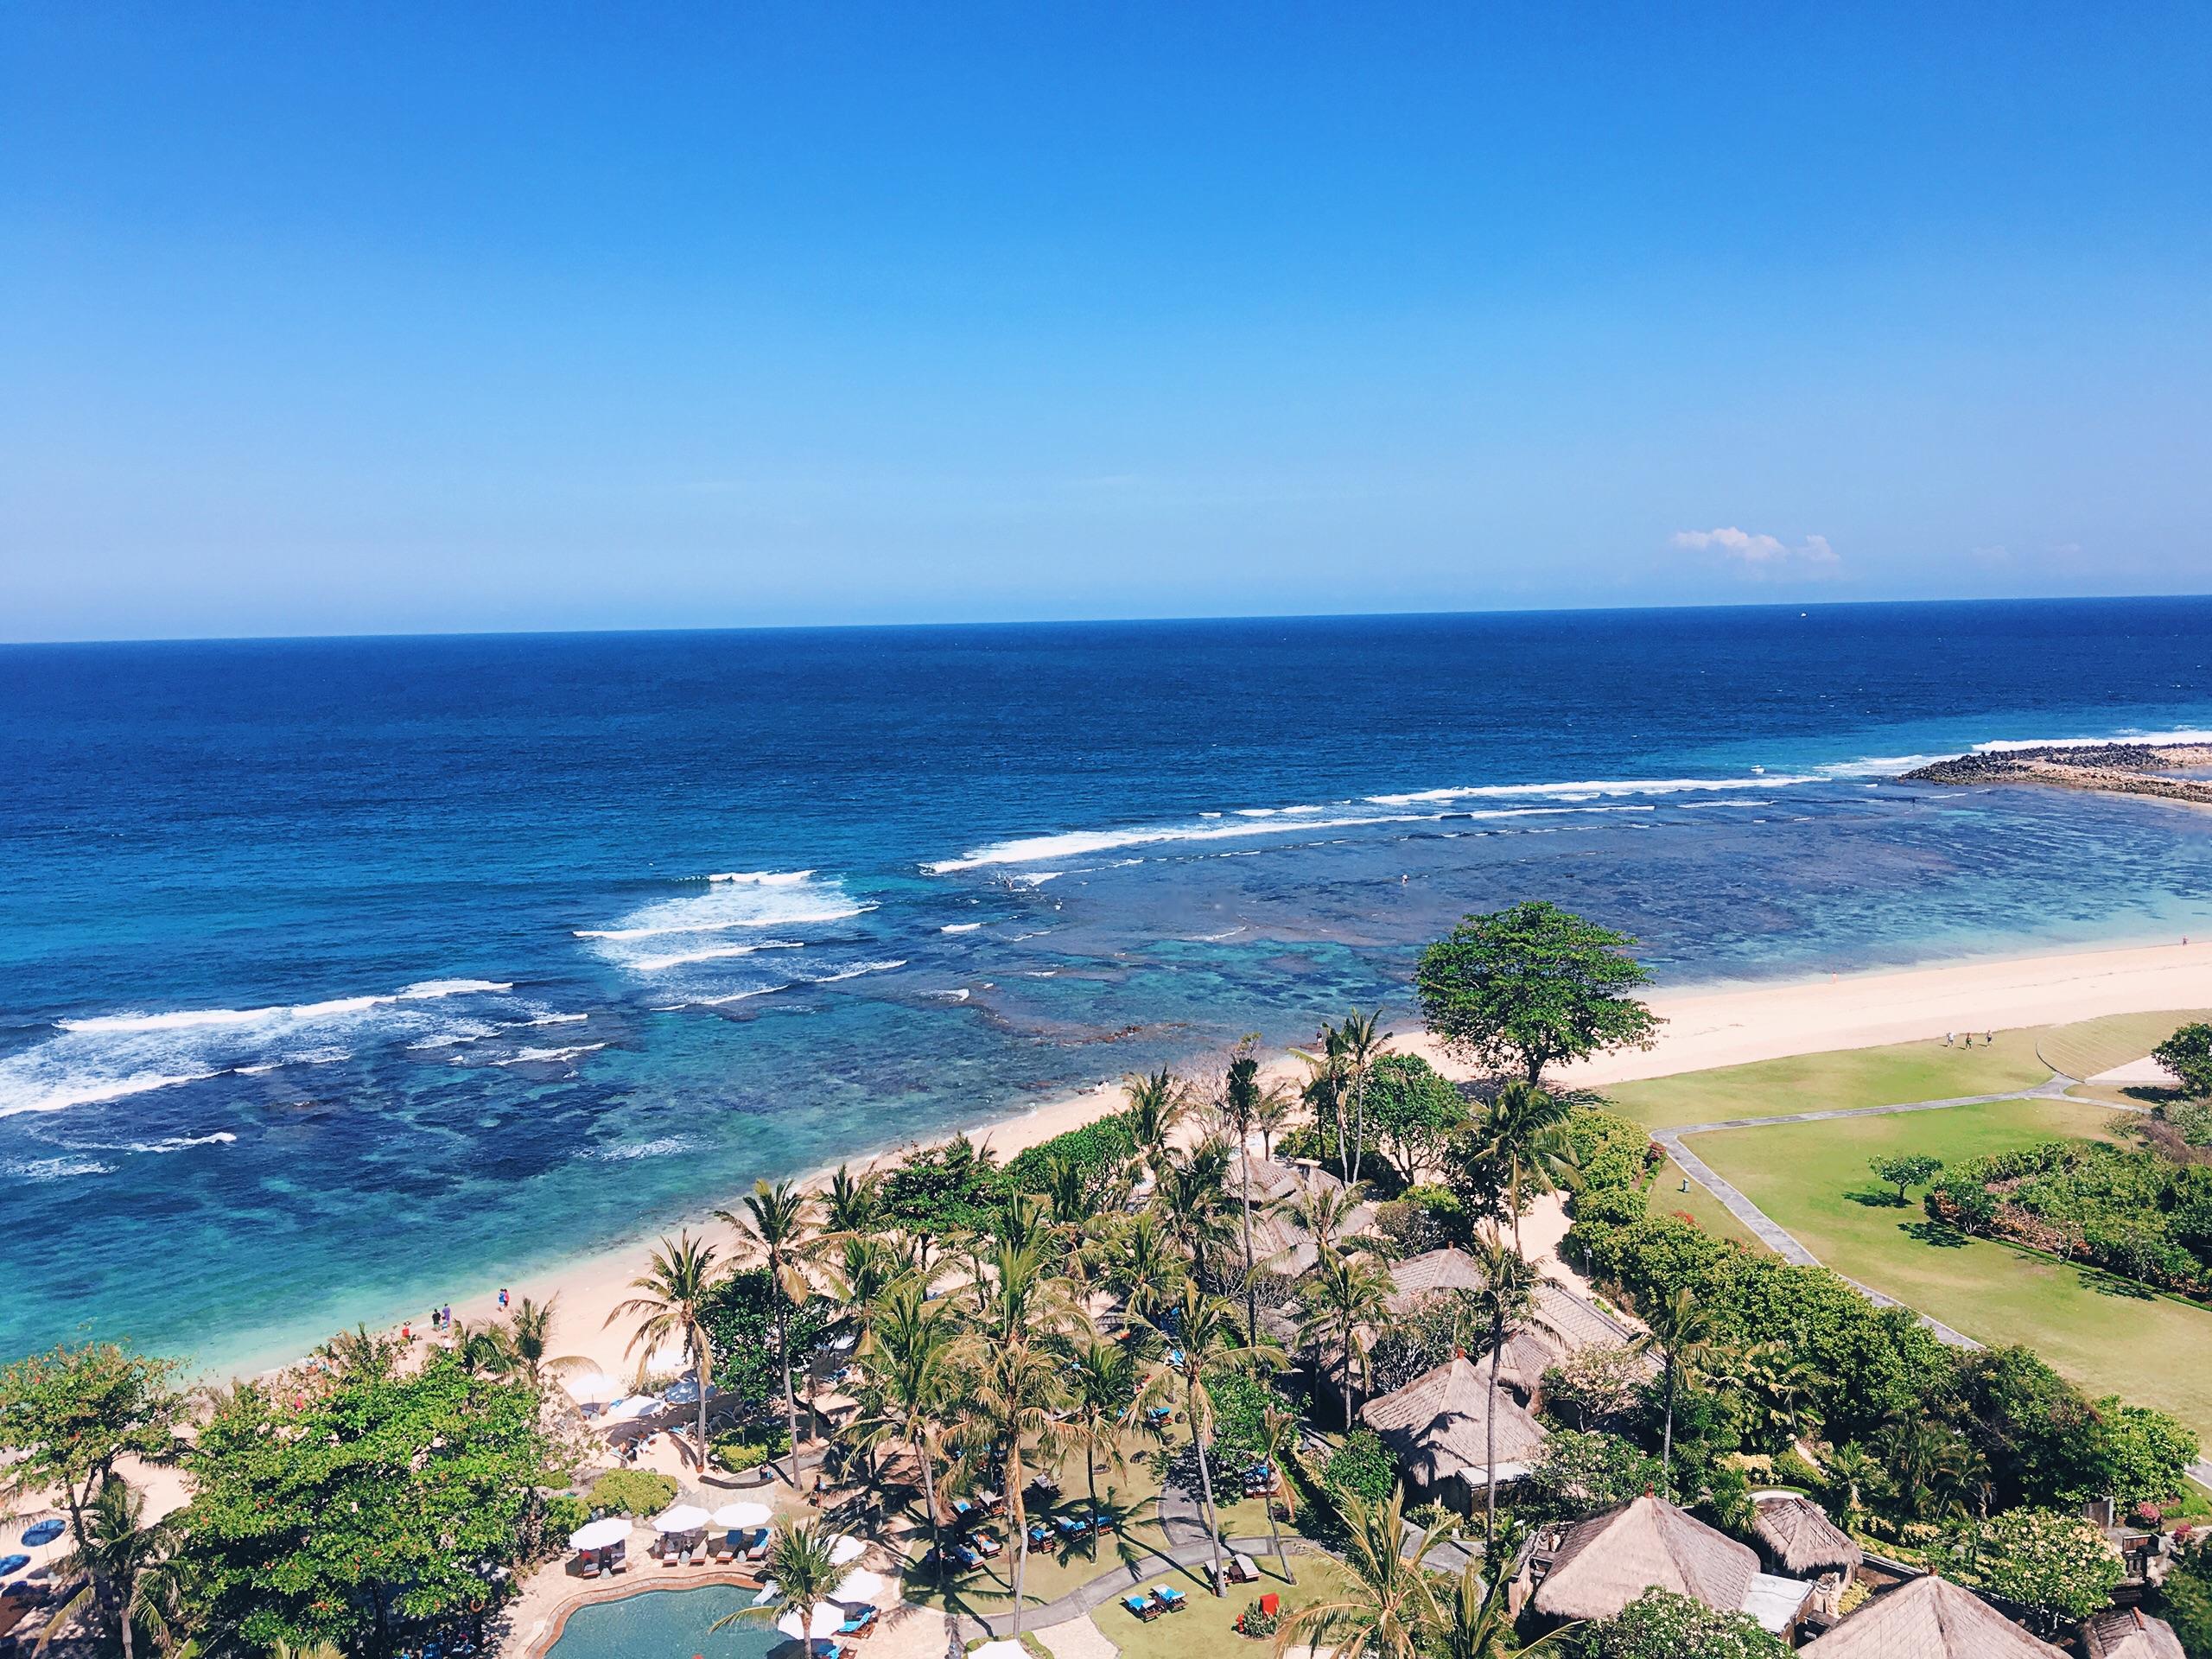 巴厘岛日航酒店4晚5日或6日自助游>坐落在俯瞰着印度